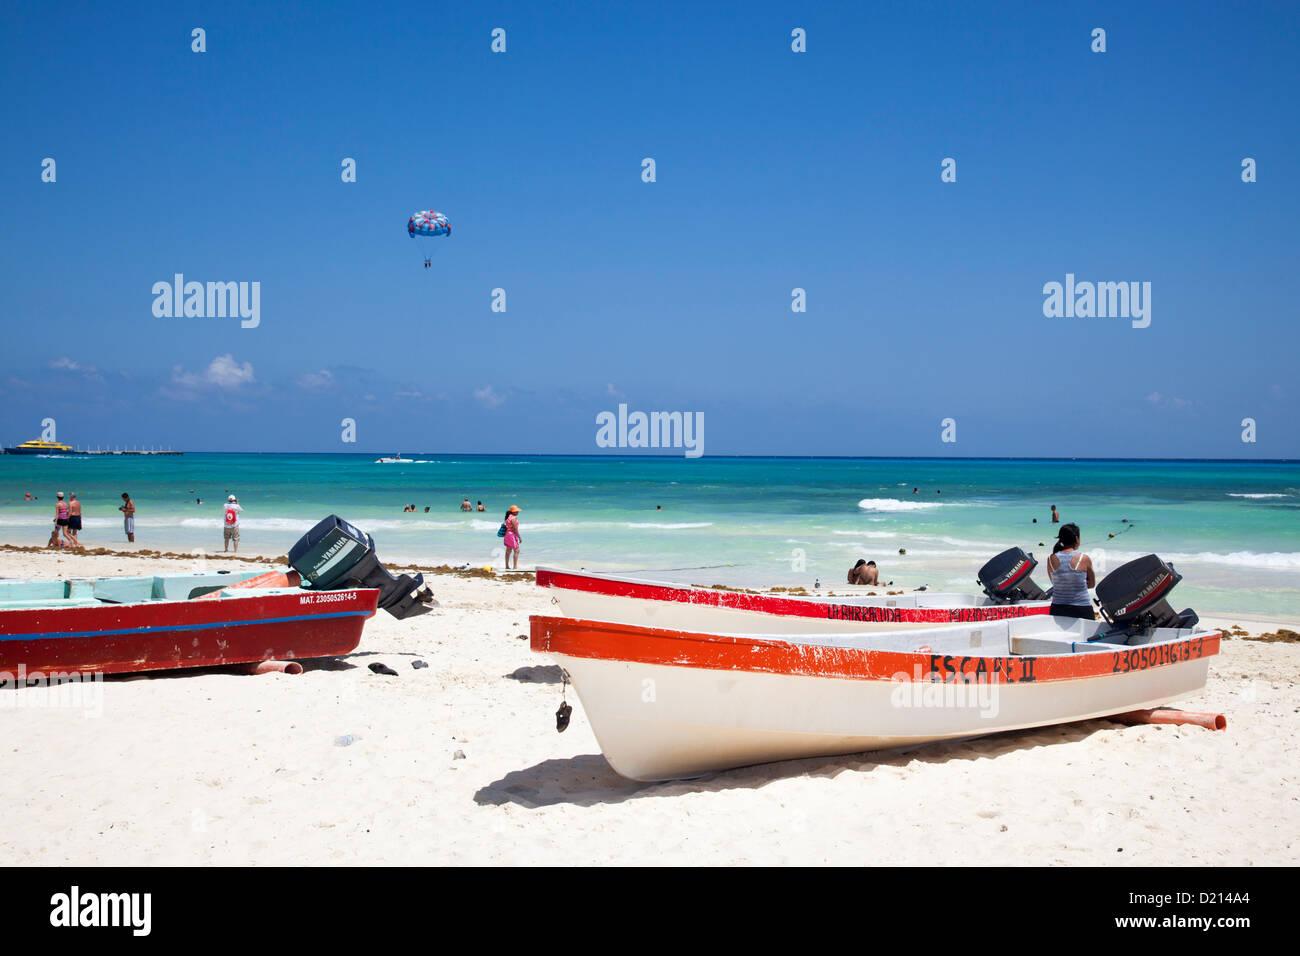 Fishing boats on the beach, Playa del Carmen, Riviera Maya, Quintana Roo, Mexico Stock Photo